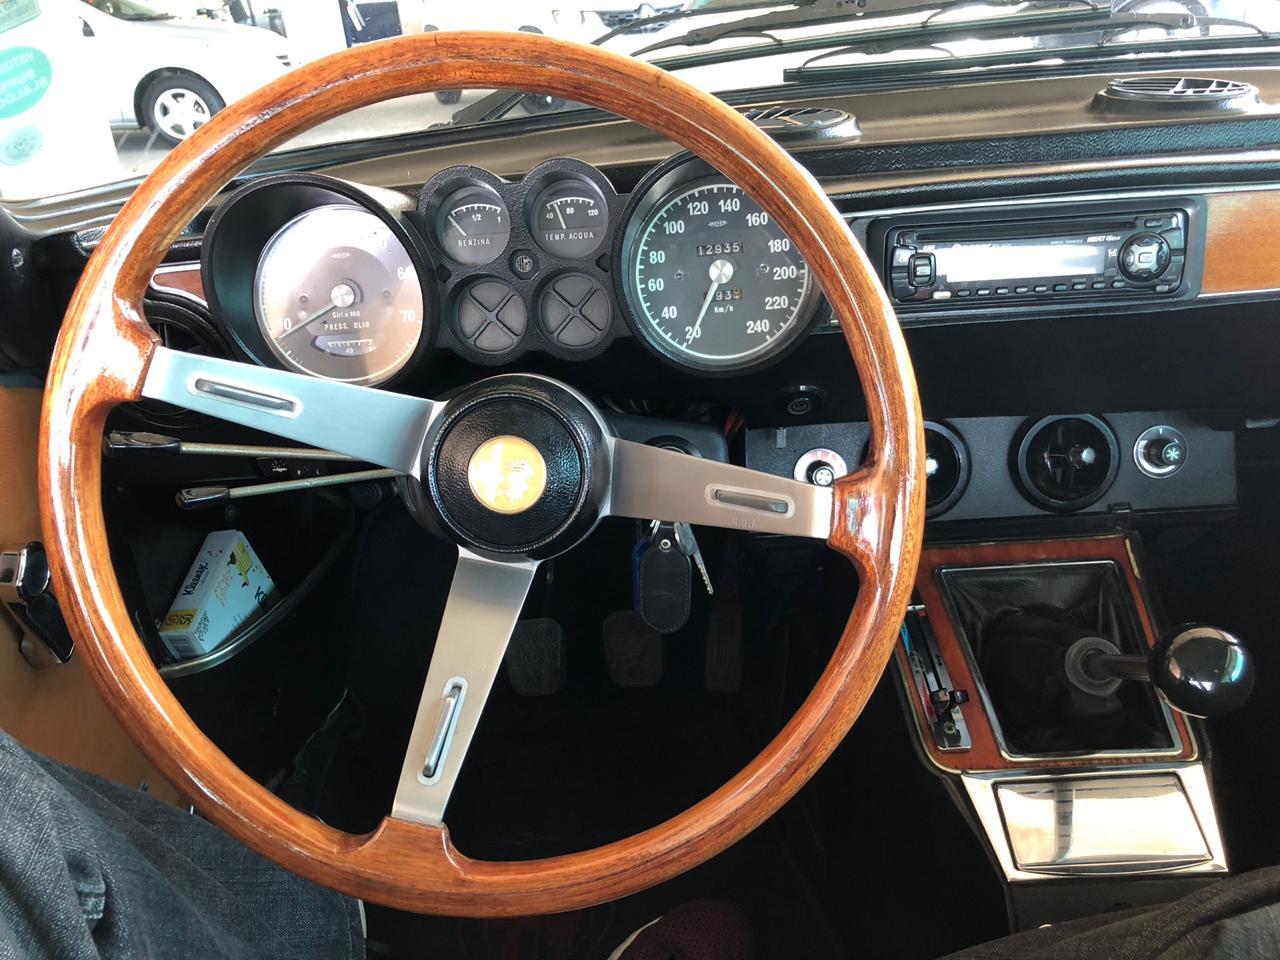 Alfa Romeo Giulia / GTV, tal mãe, tal filha Zyndic11